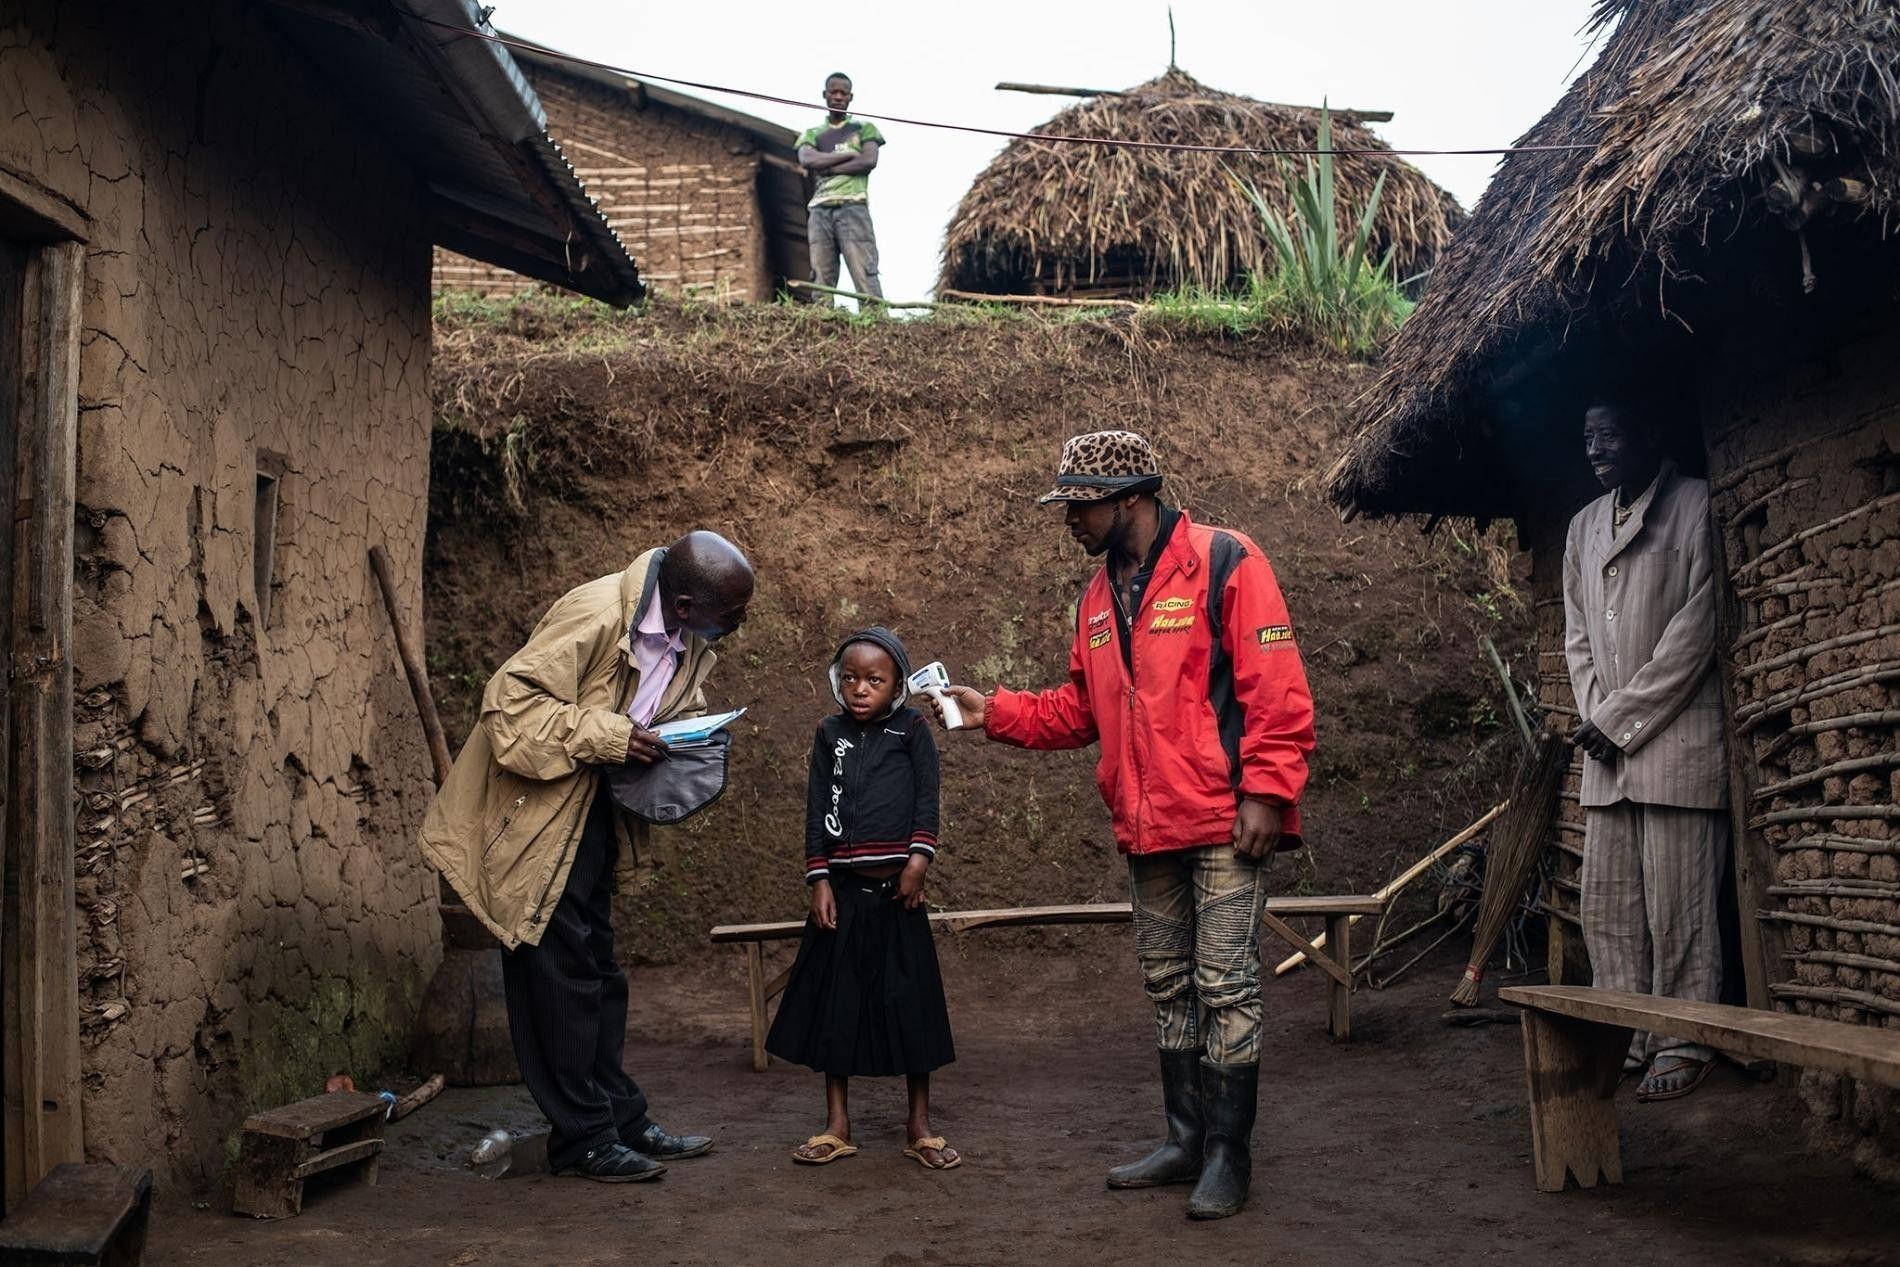 Uma equipa da Organização Mundial de Saúde verifica a temperatura de Masika Mughanyira, de 7 anos, em Vayana, uma pequena vila a duas horas de Butembo, na República Democrática do Congo. Masika perdeu ambos os pais, o irmão mais velho e a irmã mais nova para o Ébola. Agora é a única sobrevivente da sua família e está ao cuidado de parentes.